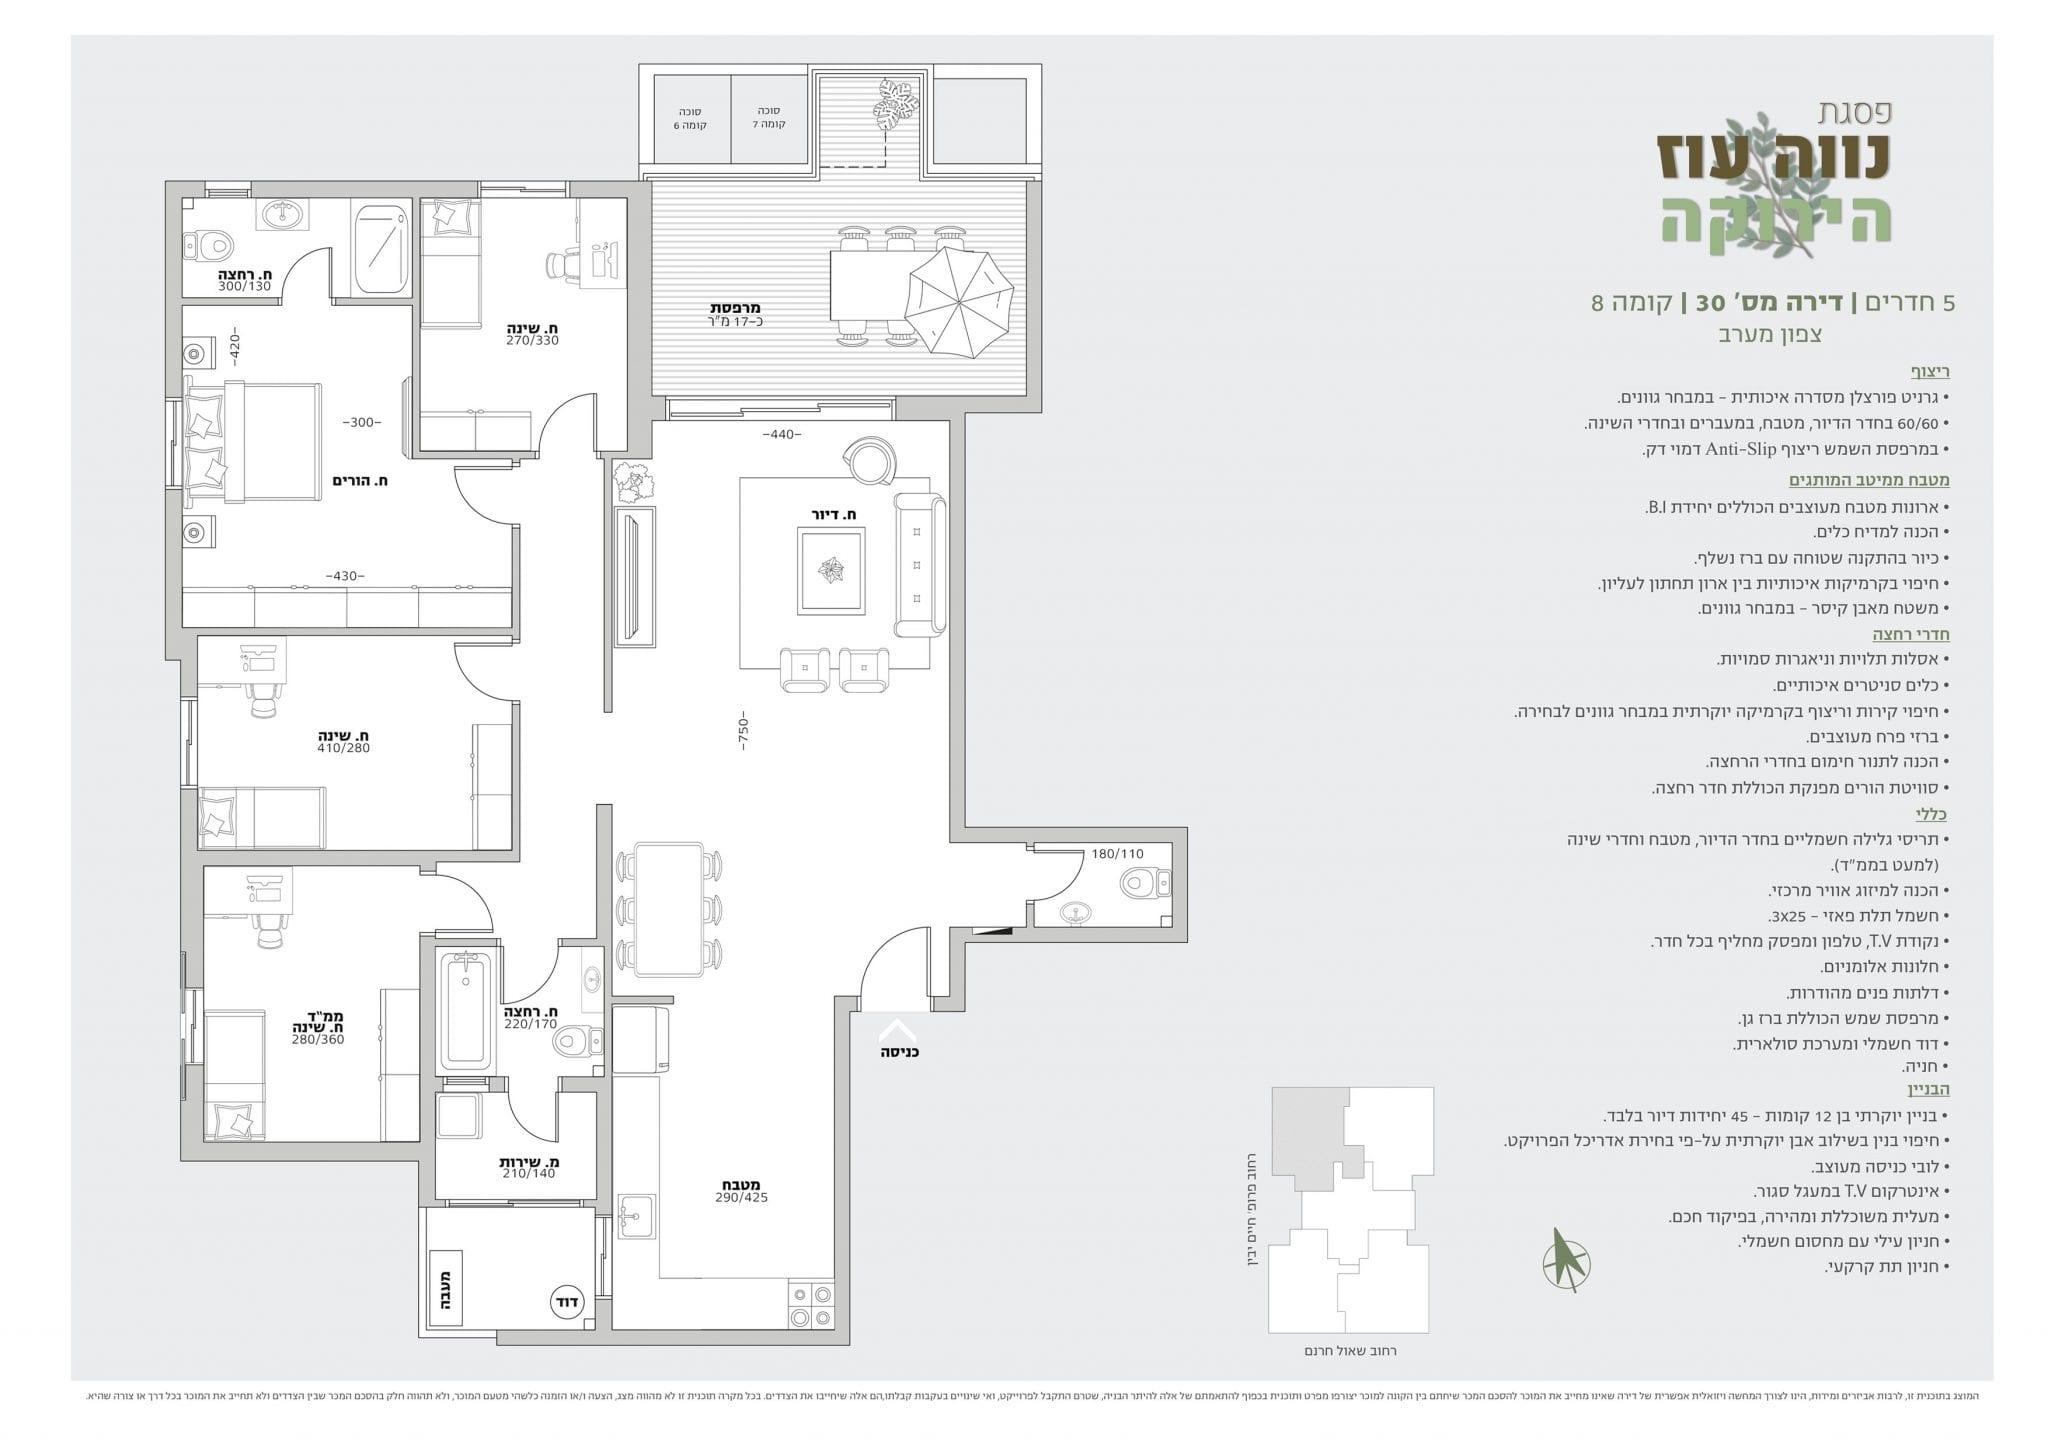 דירת 5 חדרים מספר 30